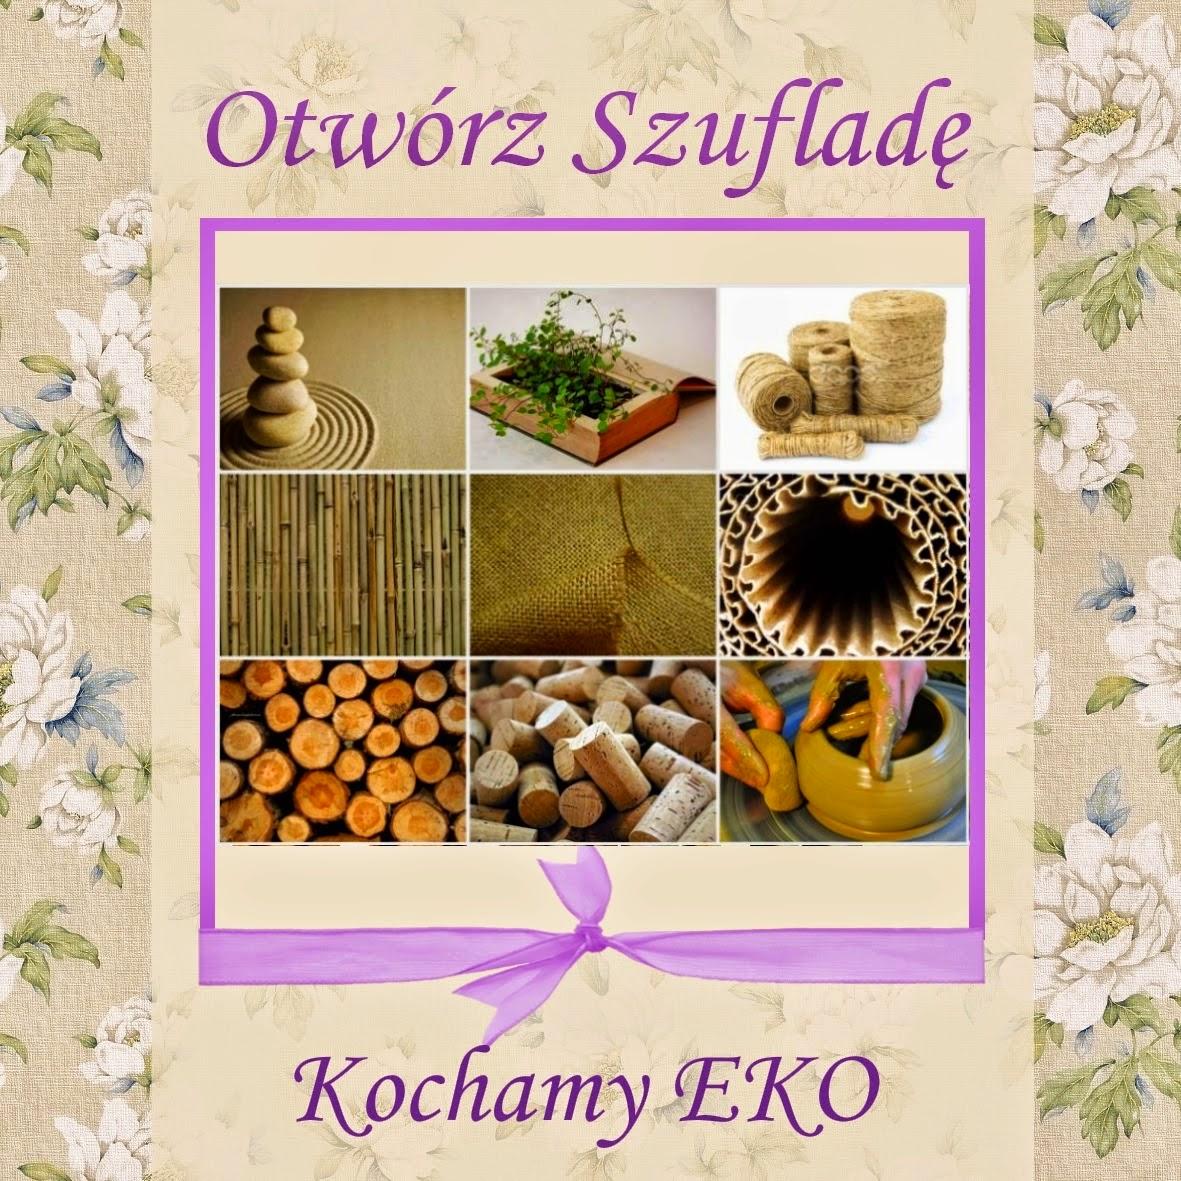 http://szuflada-szuflada.blogspot.ru/2015/01/otworz-szuflade-w-styczniu.html